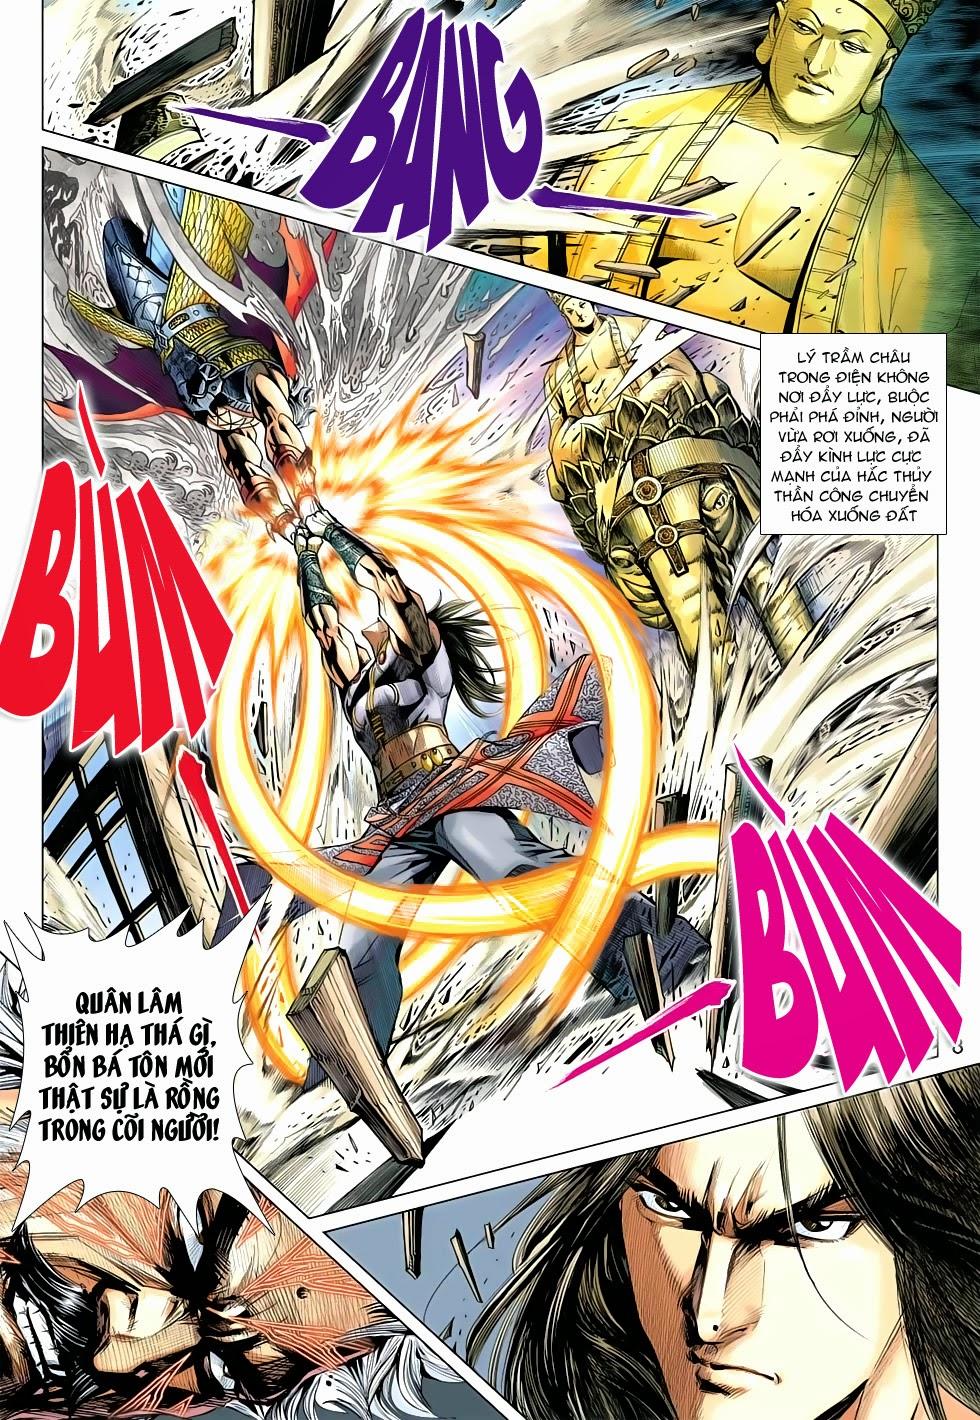 Thần Châu Kỳ Hiệp chap 32 – End Trang 8 - Mangak.info